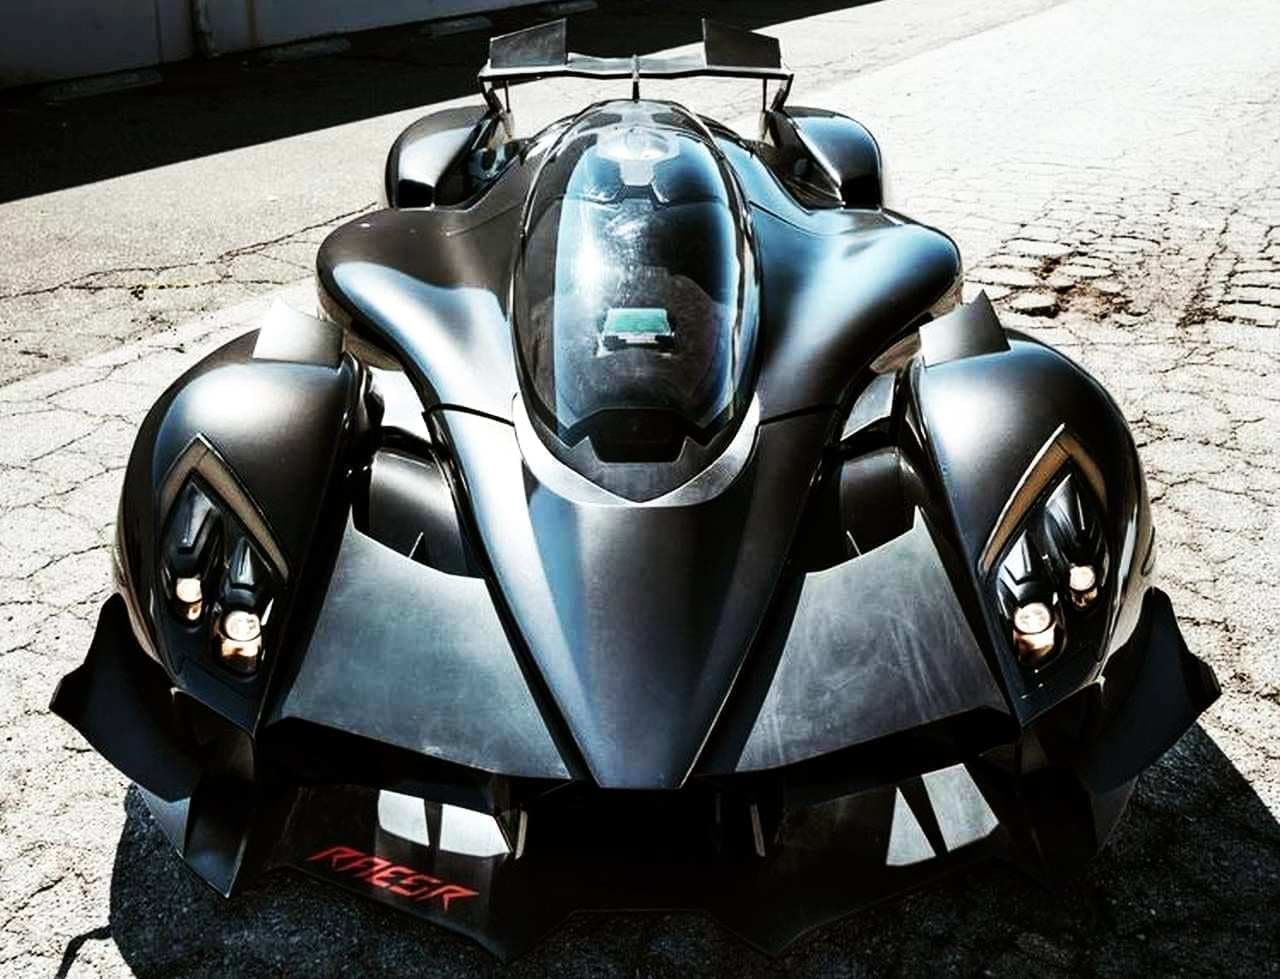 1,250馬力のハイパーカー「タキオン スピード」